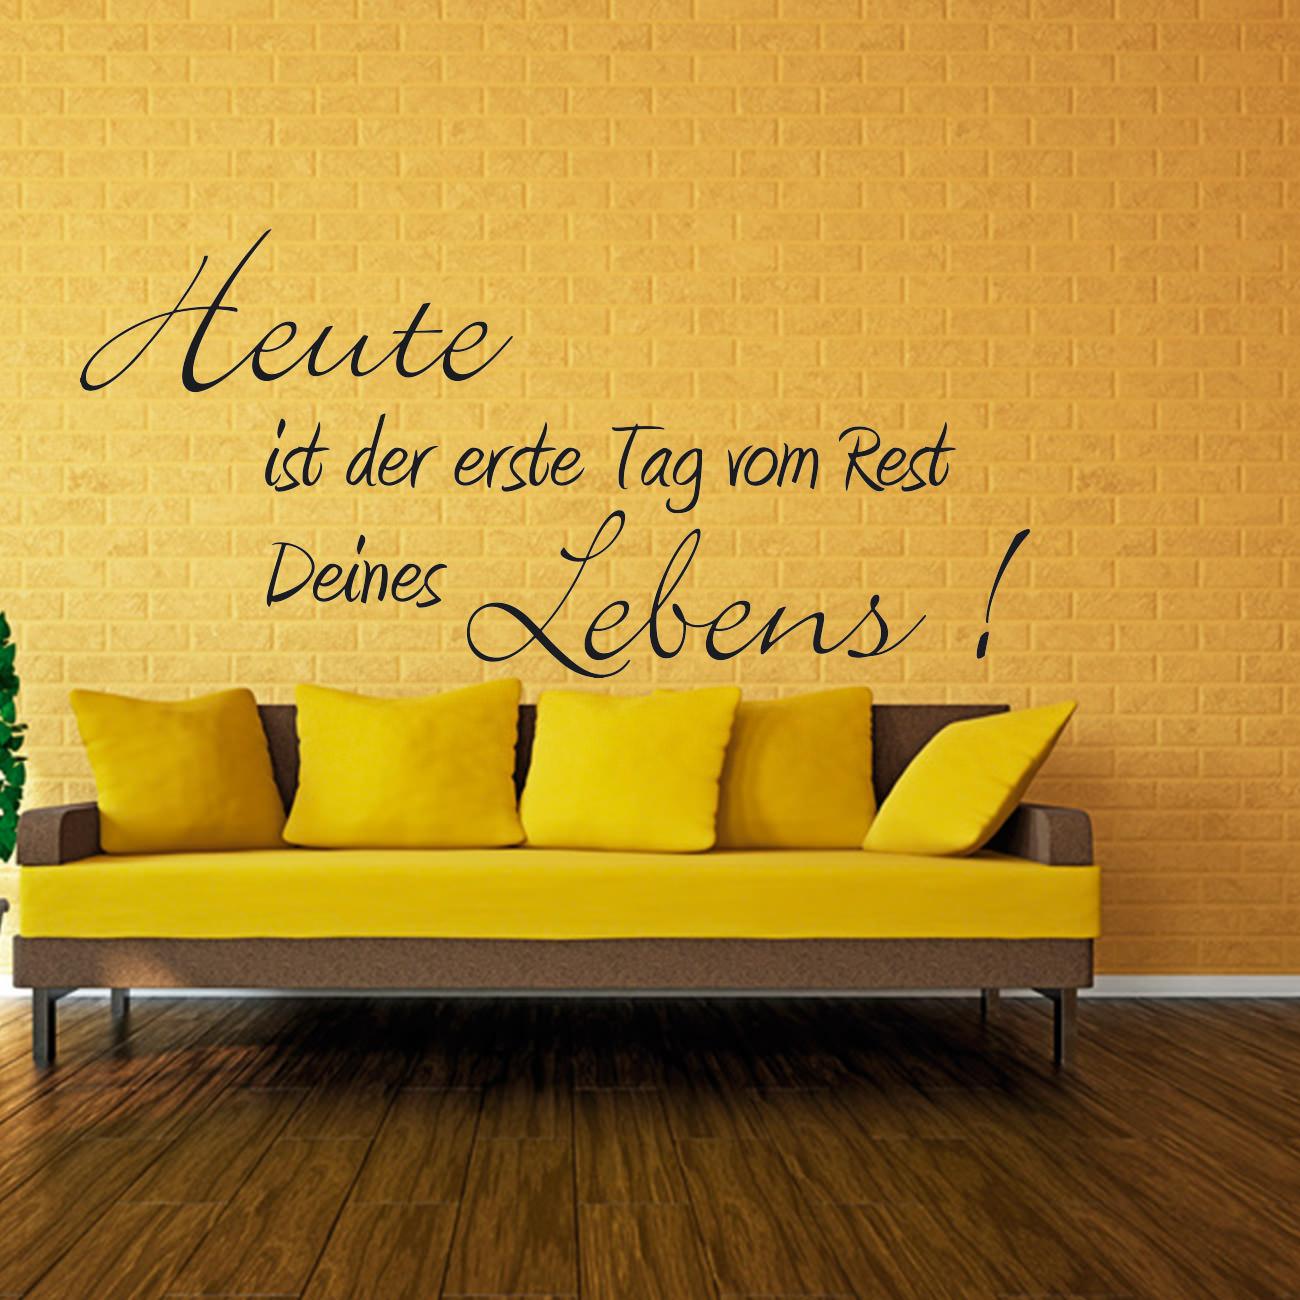 wandtattoo rest deines lebens sunnywall online shop. Black Bedroom Furniture Sets. Home Design Ideas